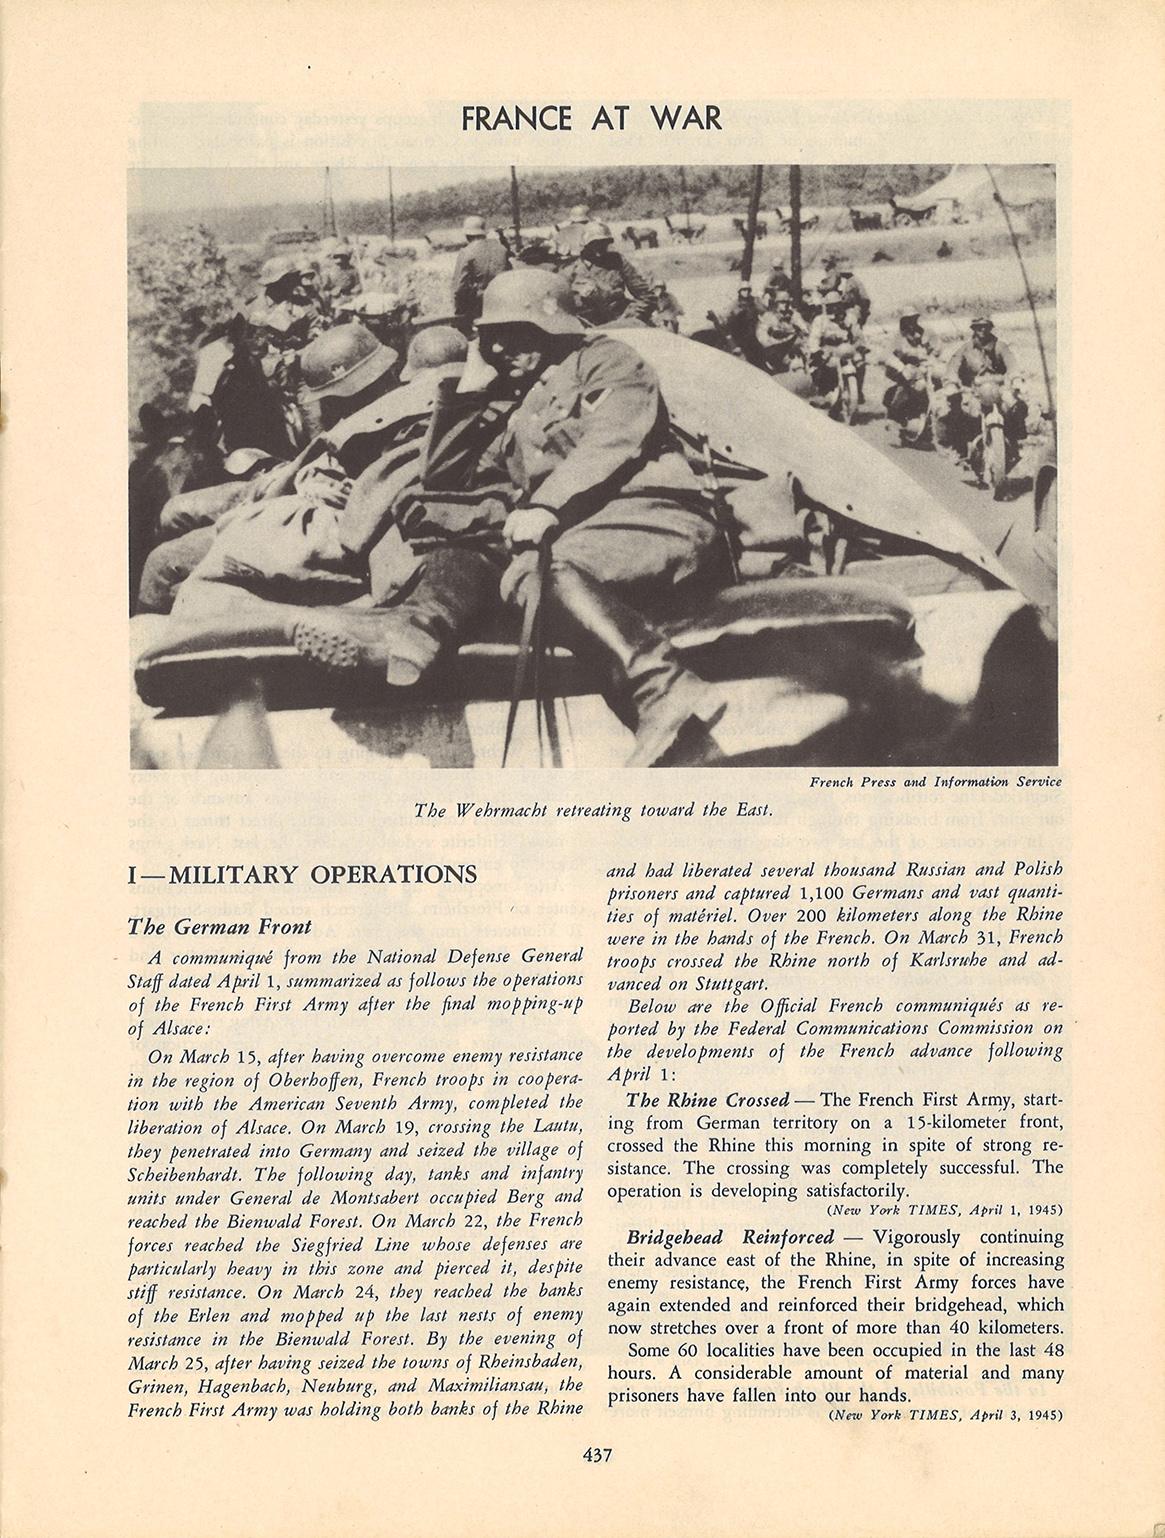 Les ultimes campagnes de 1945 vues par la presse